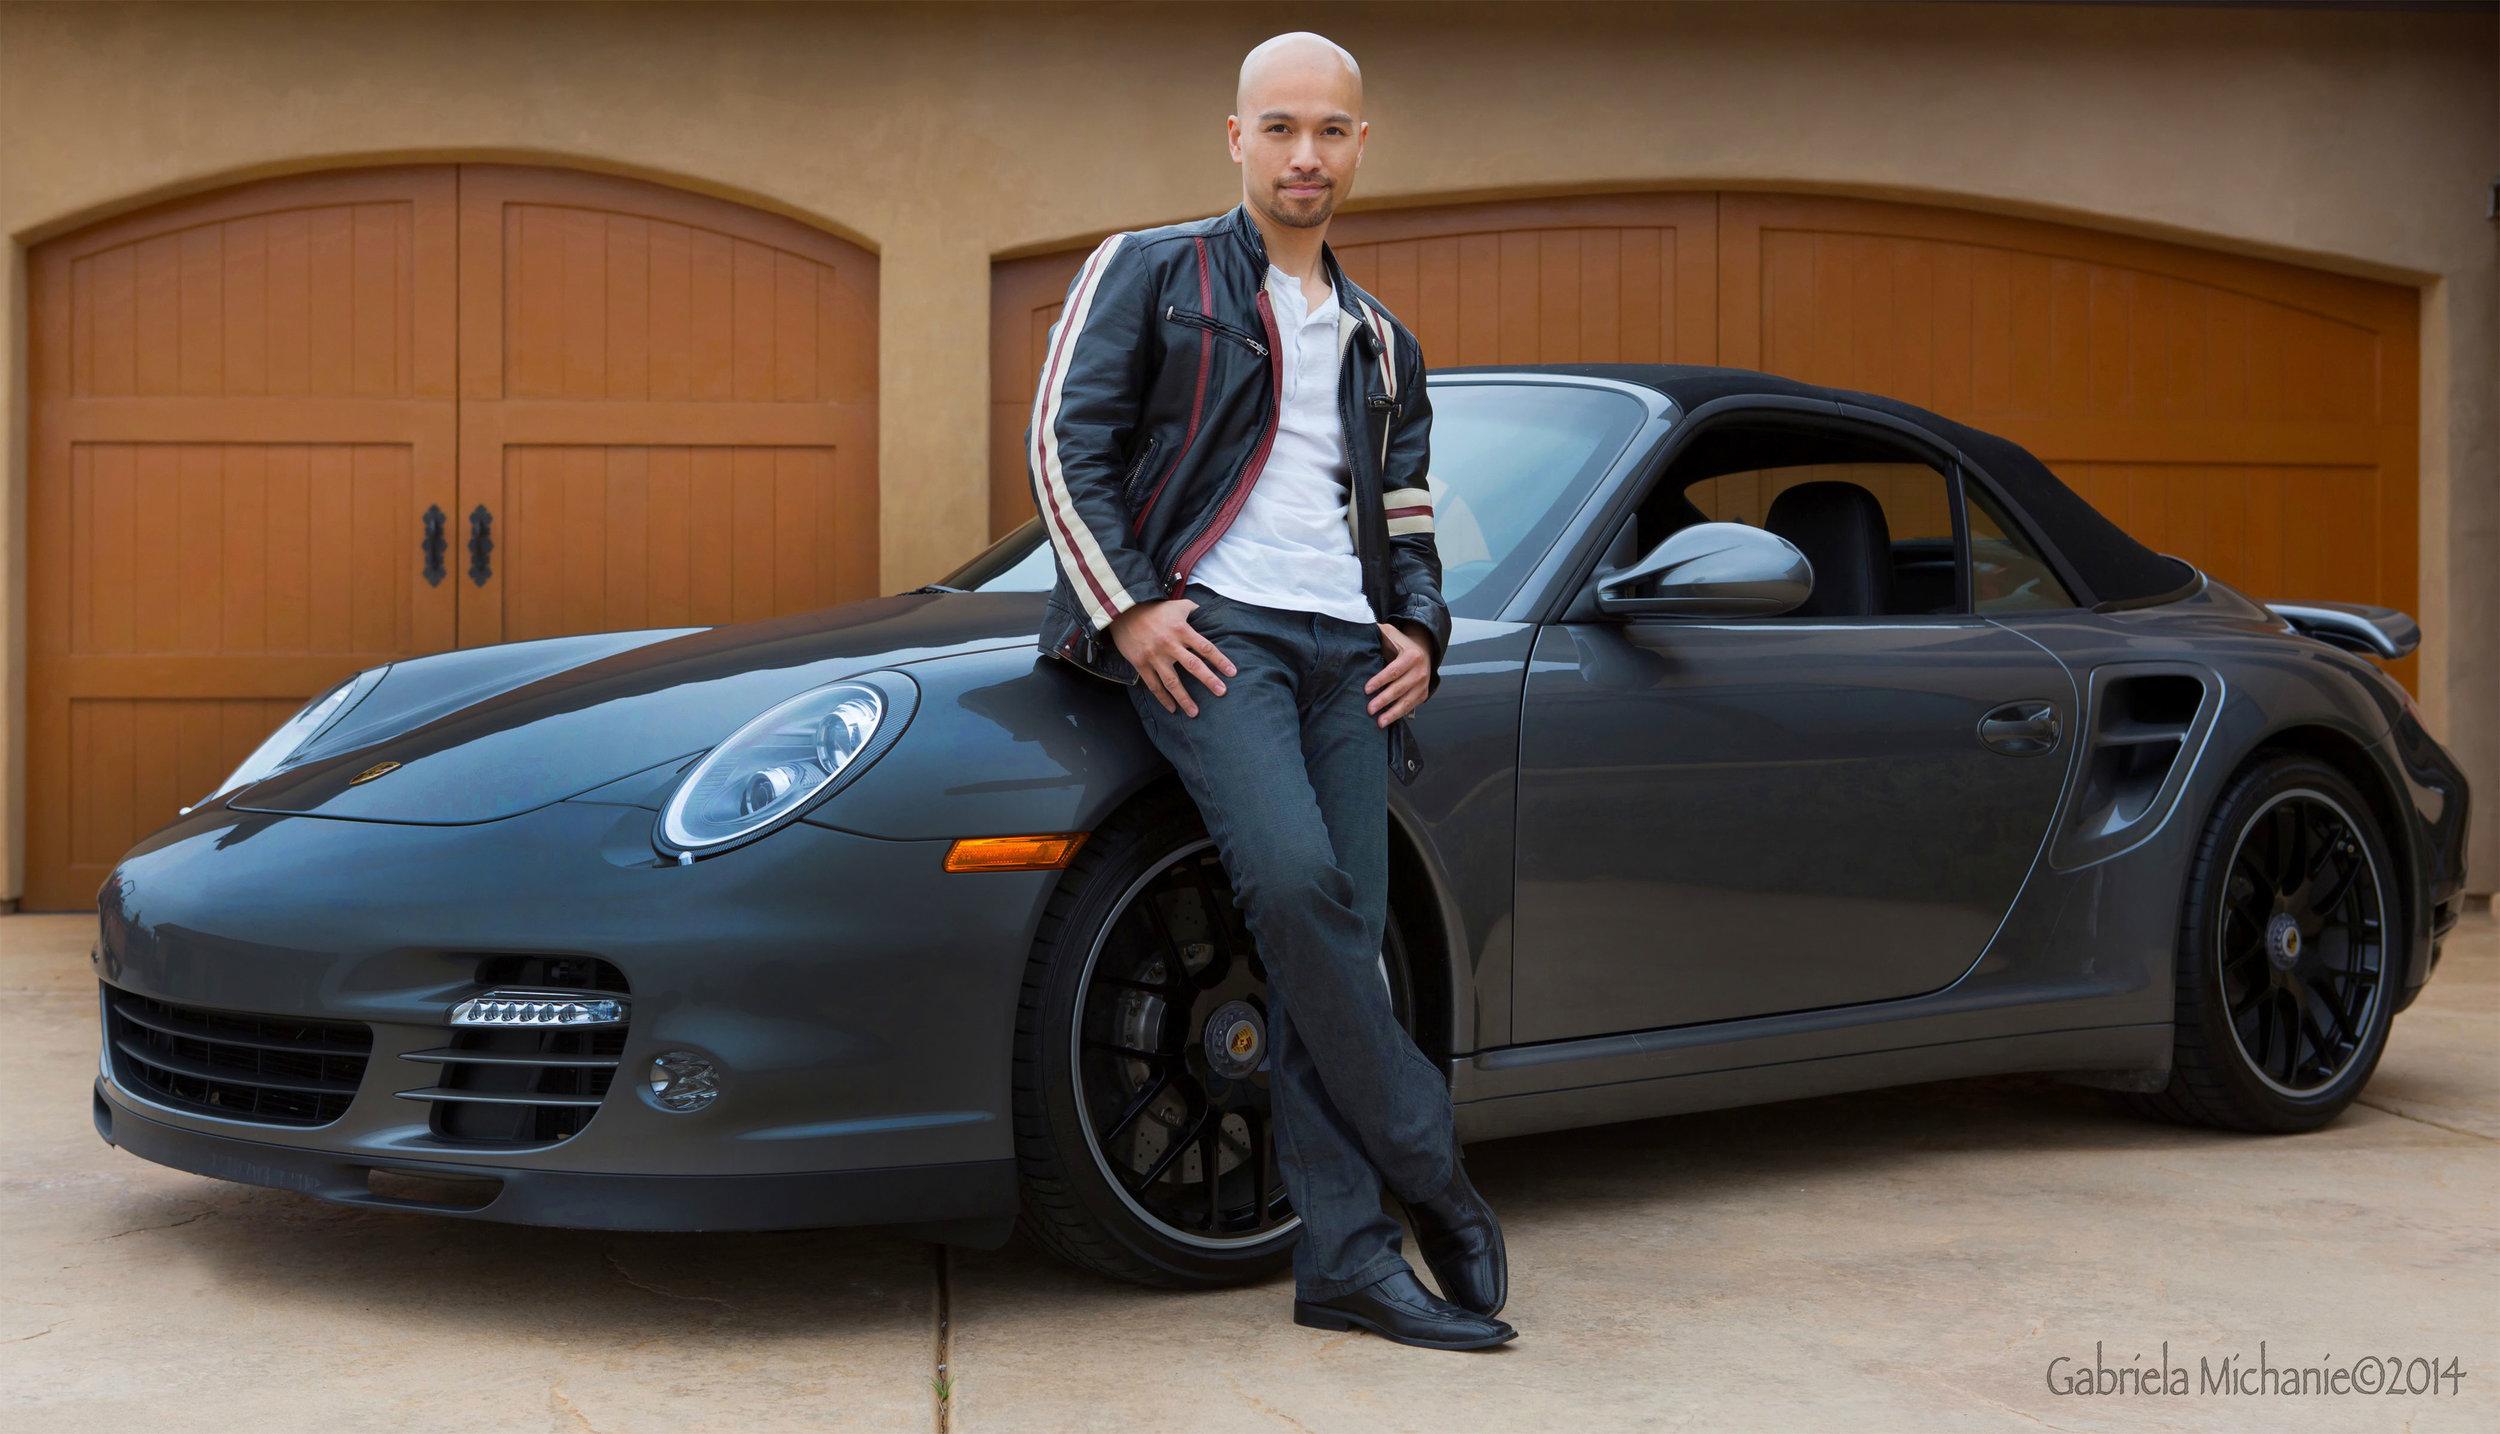 JasonFong-LeatherJacket-Porsche.jpg